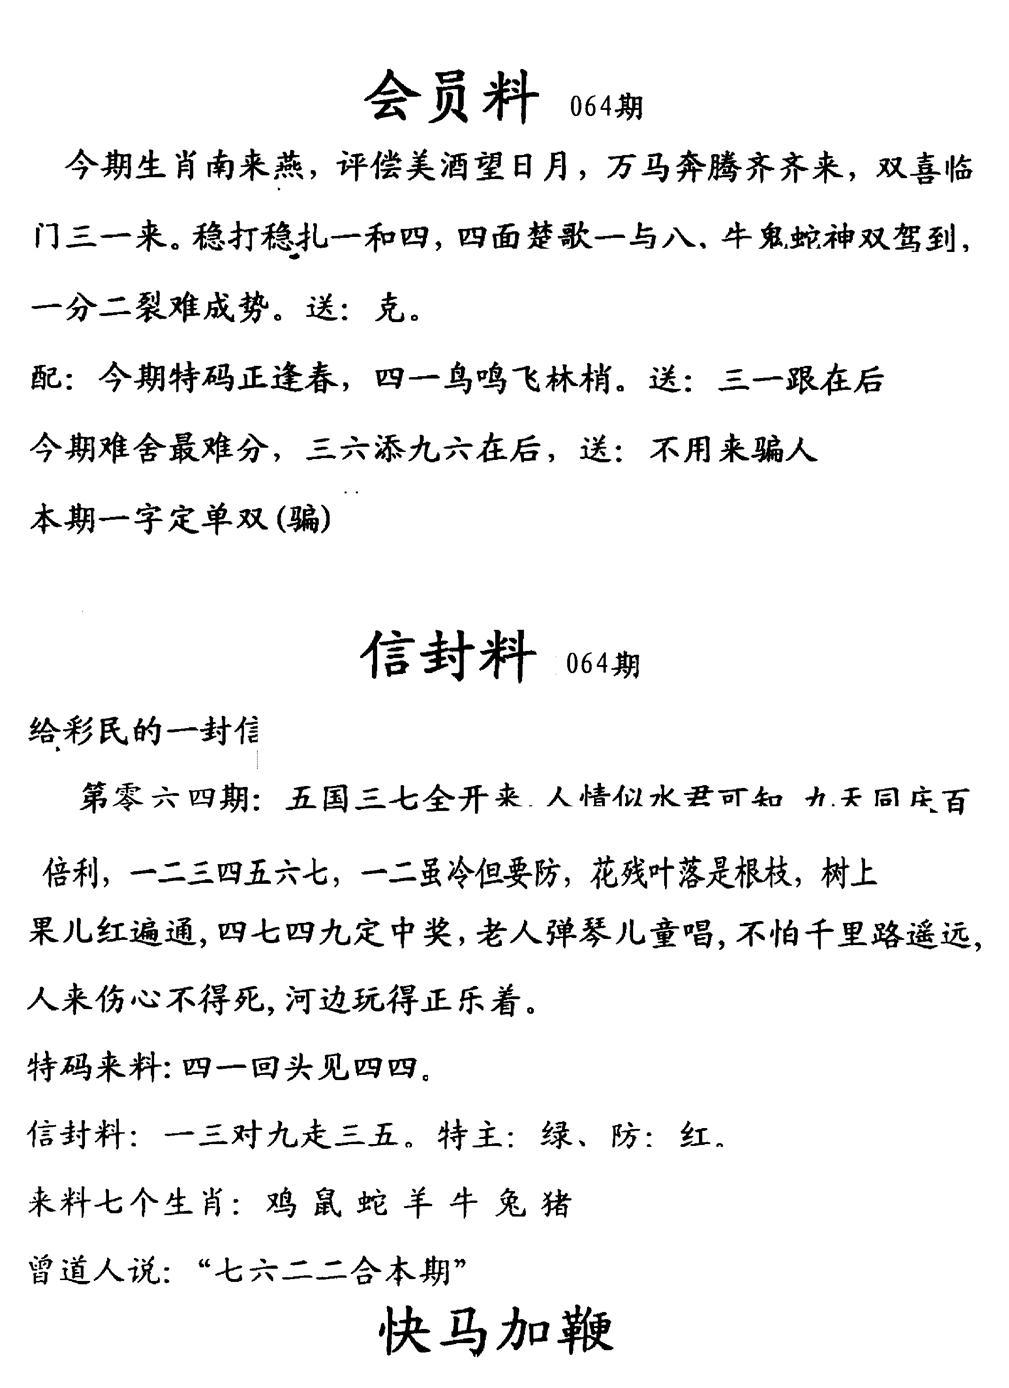 064期彩民信封料(早图)(黑白)